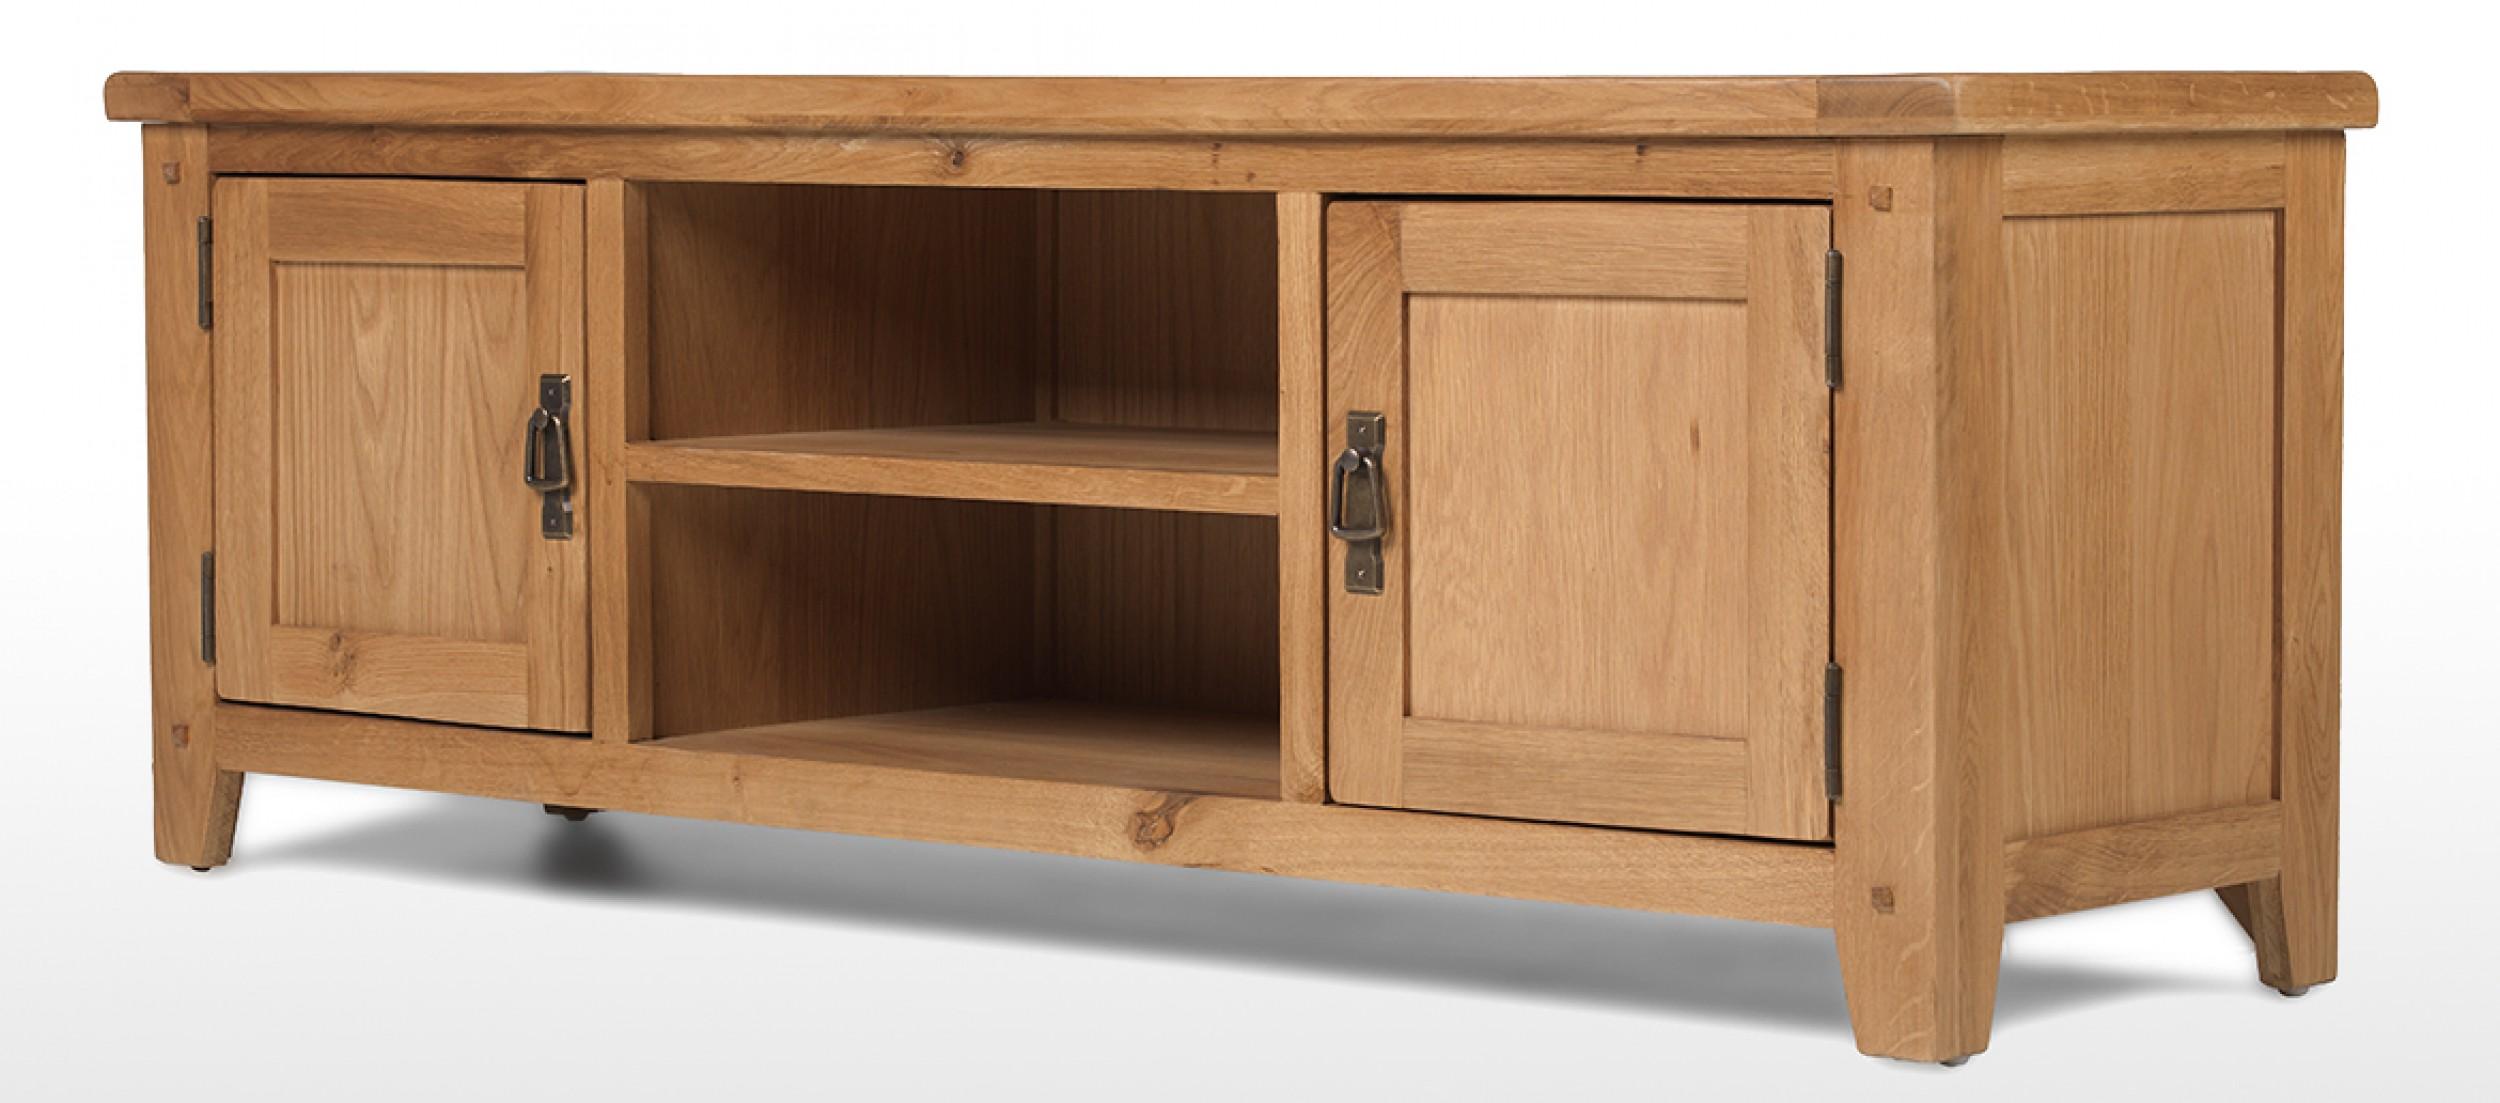 Rustic oak plasma tv stand quercus living Oak tv stands